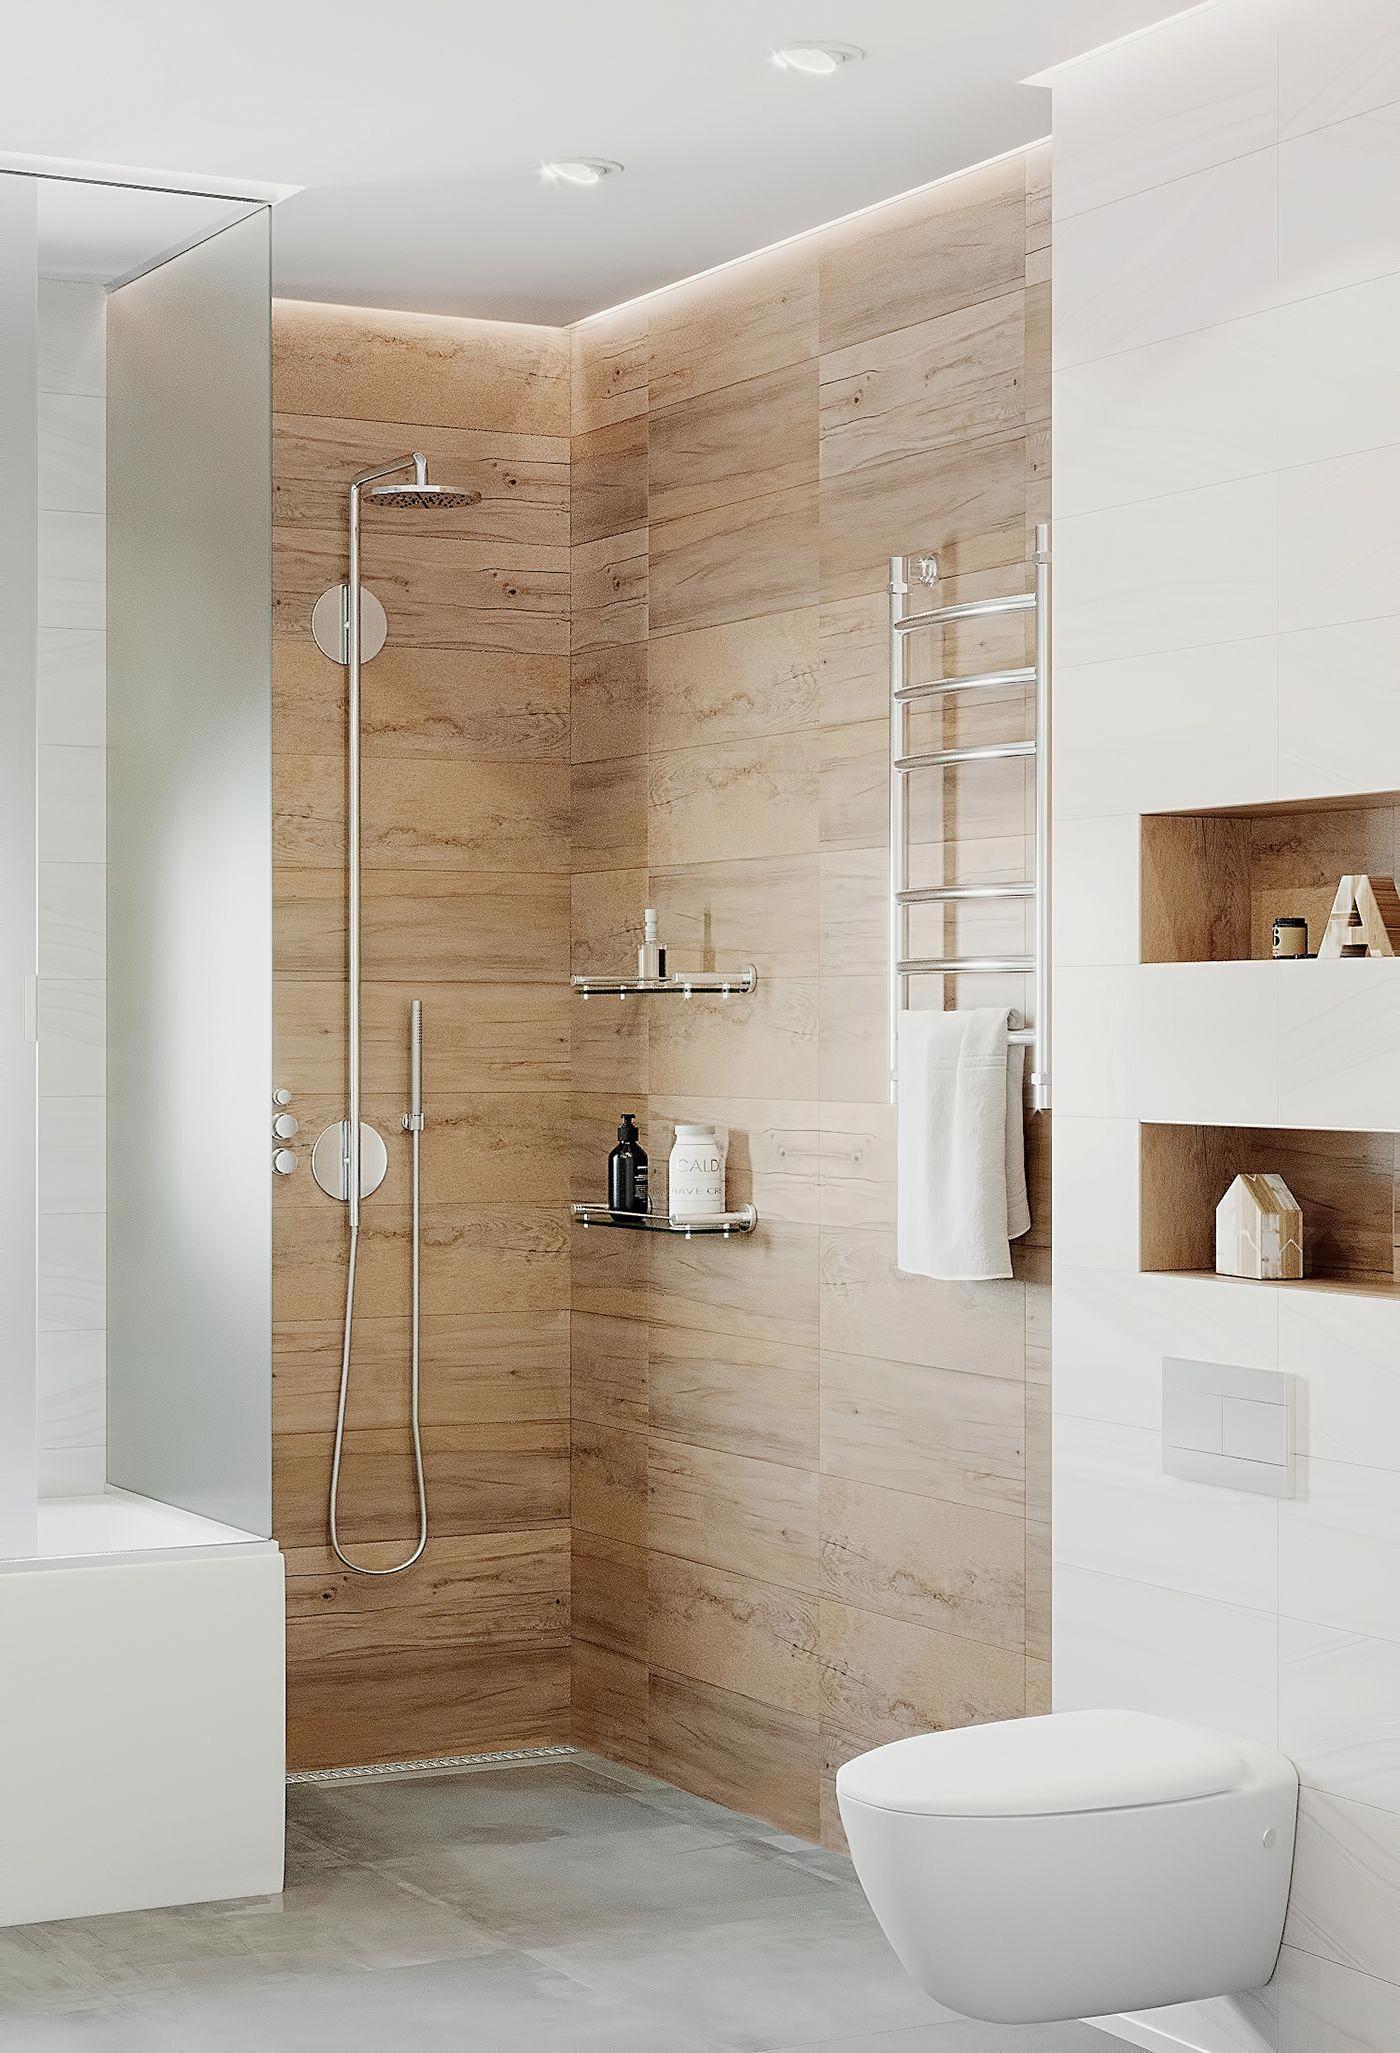 Pin Von Zorica Auf Badezimmer Kleine Badezimmer Design Badezimmer Renovieren Badezimmer